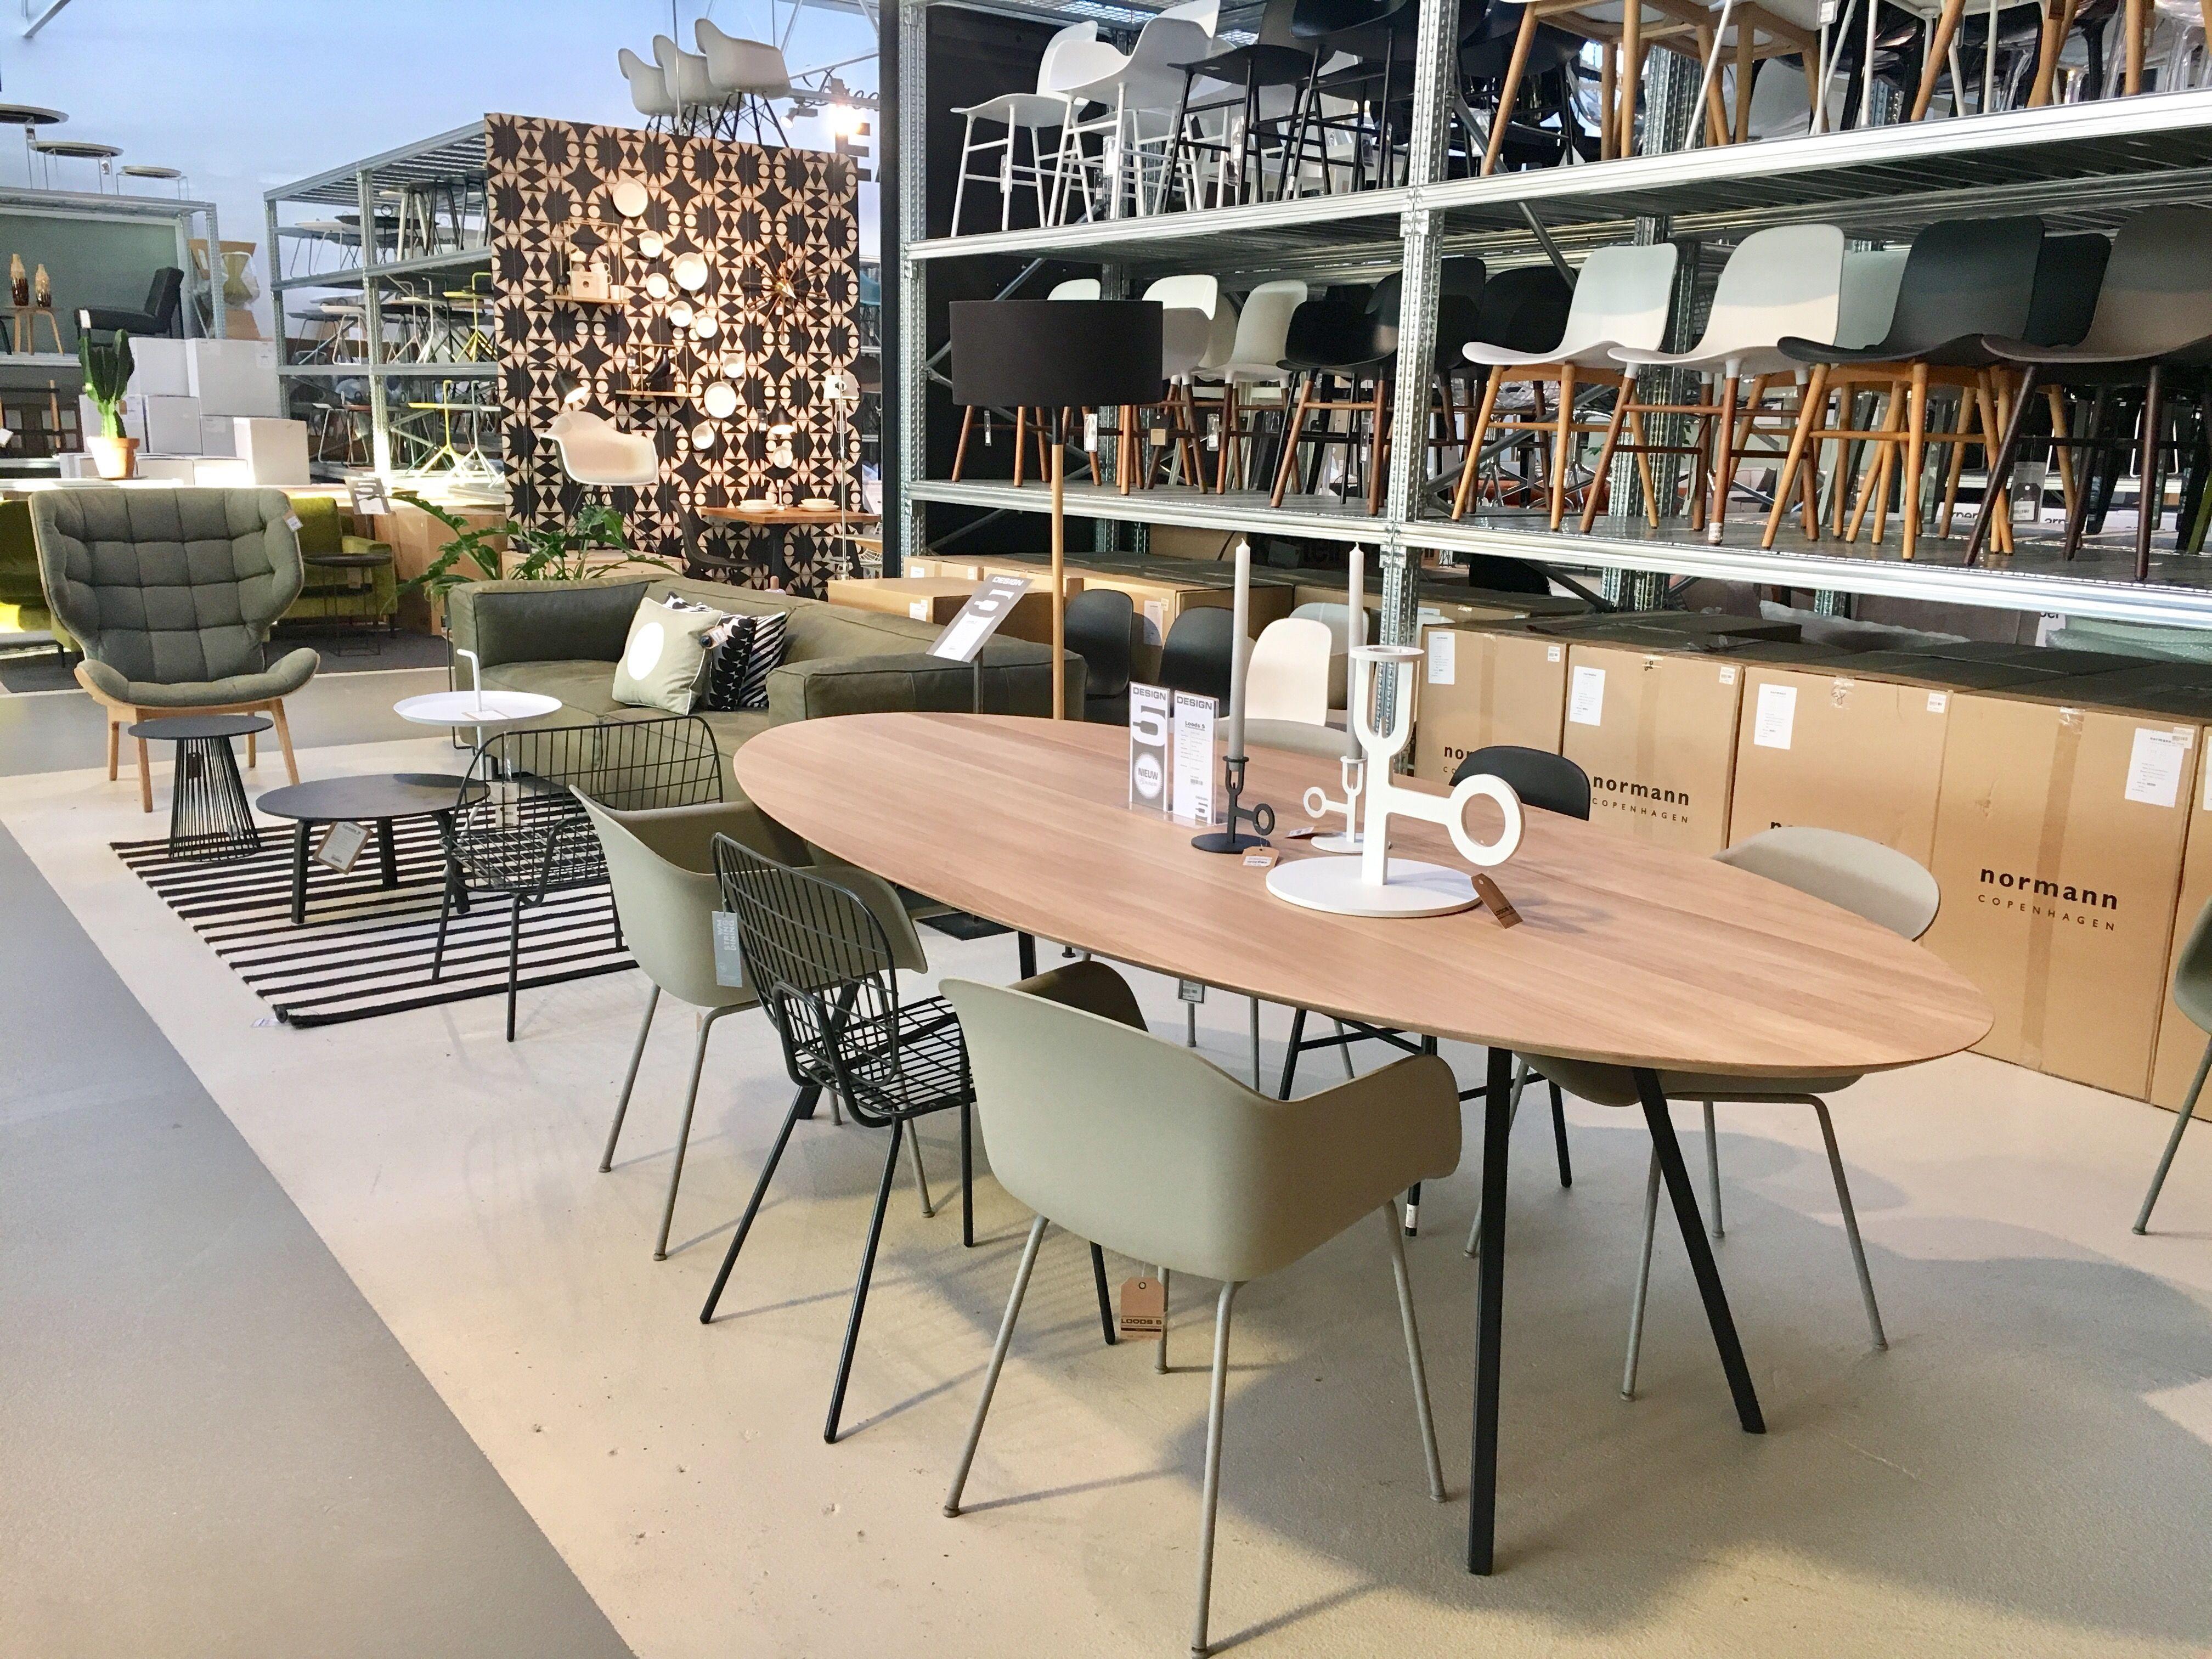 Mechelse Eetkamer Tafel.Pin Van Marina Van Mechelen Op Verbouwing Lente 2017 Ovale